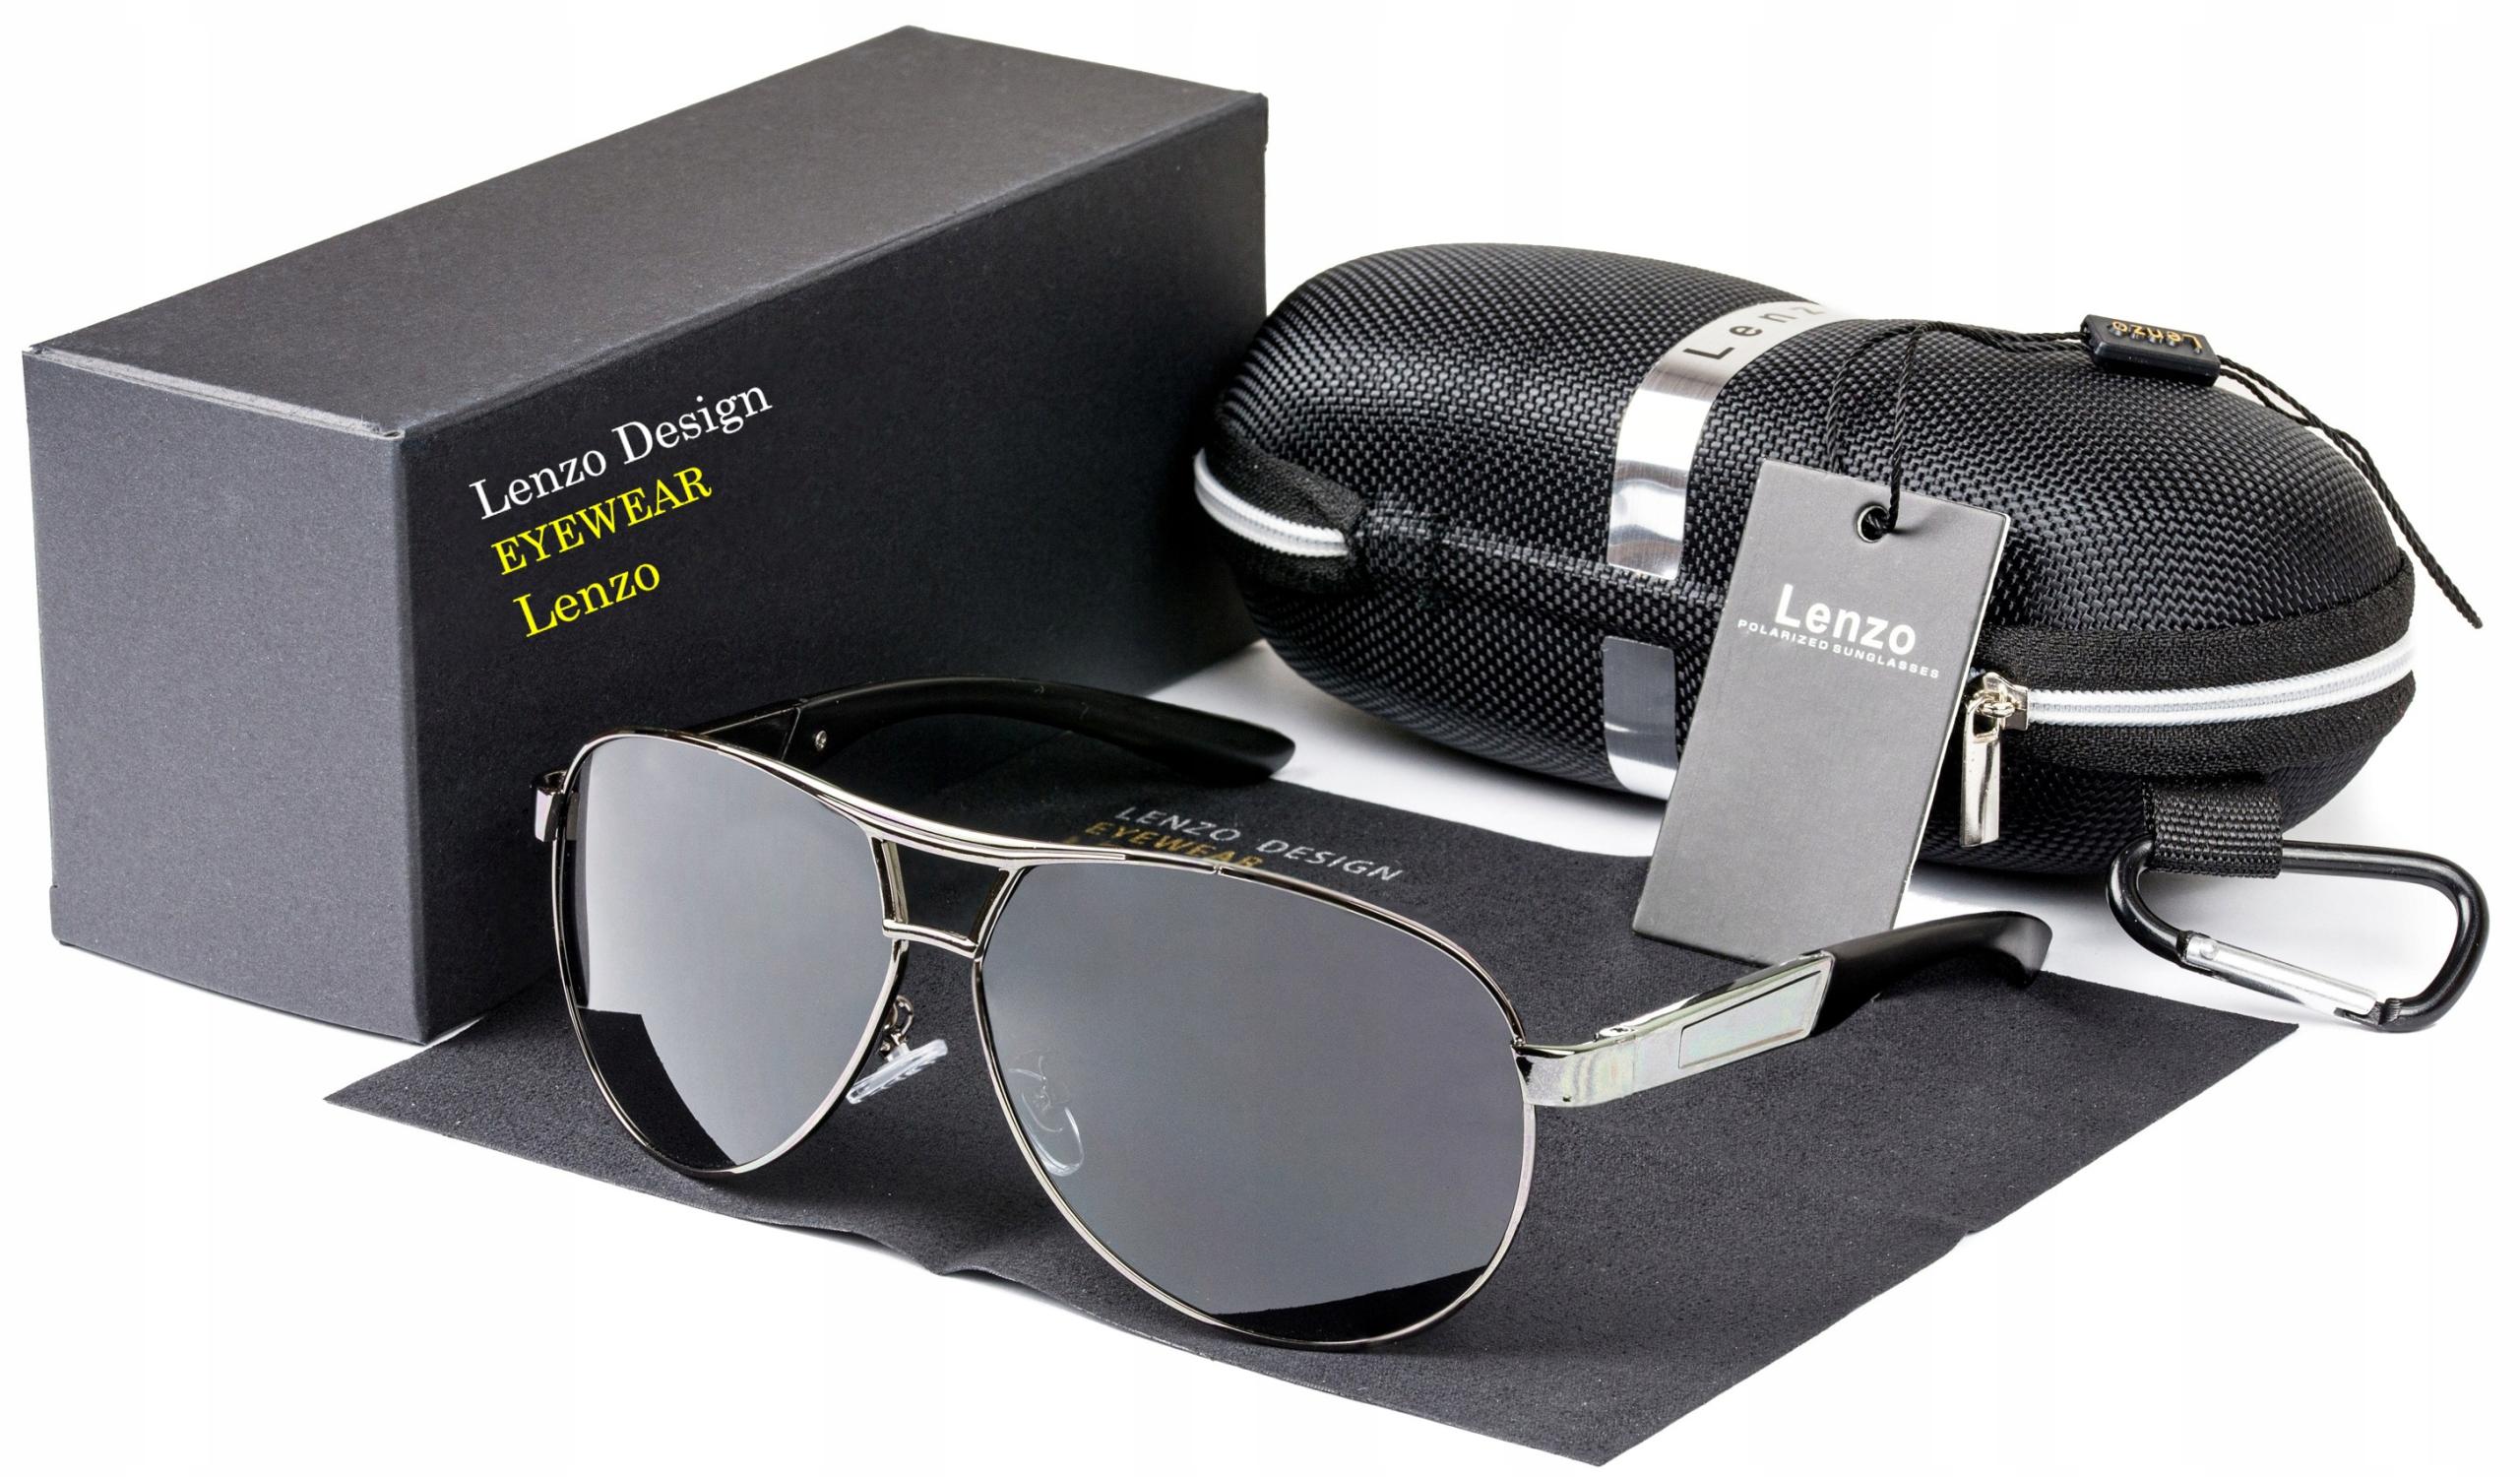 Okulary Przeciwsloneczne Meskie 2019 Aviator Filtr 8110163659 Allegro Pl